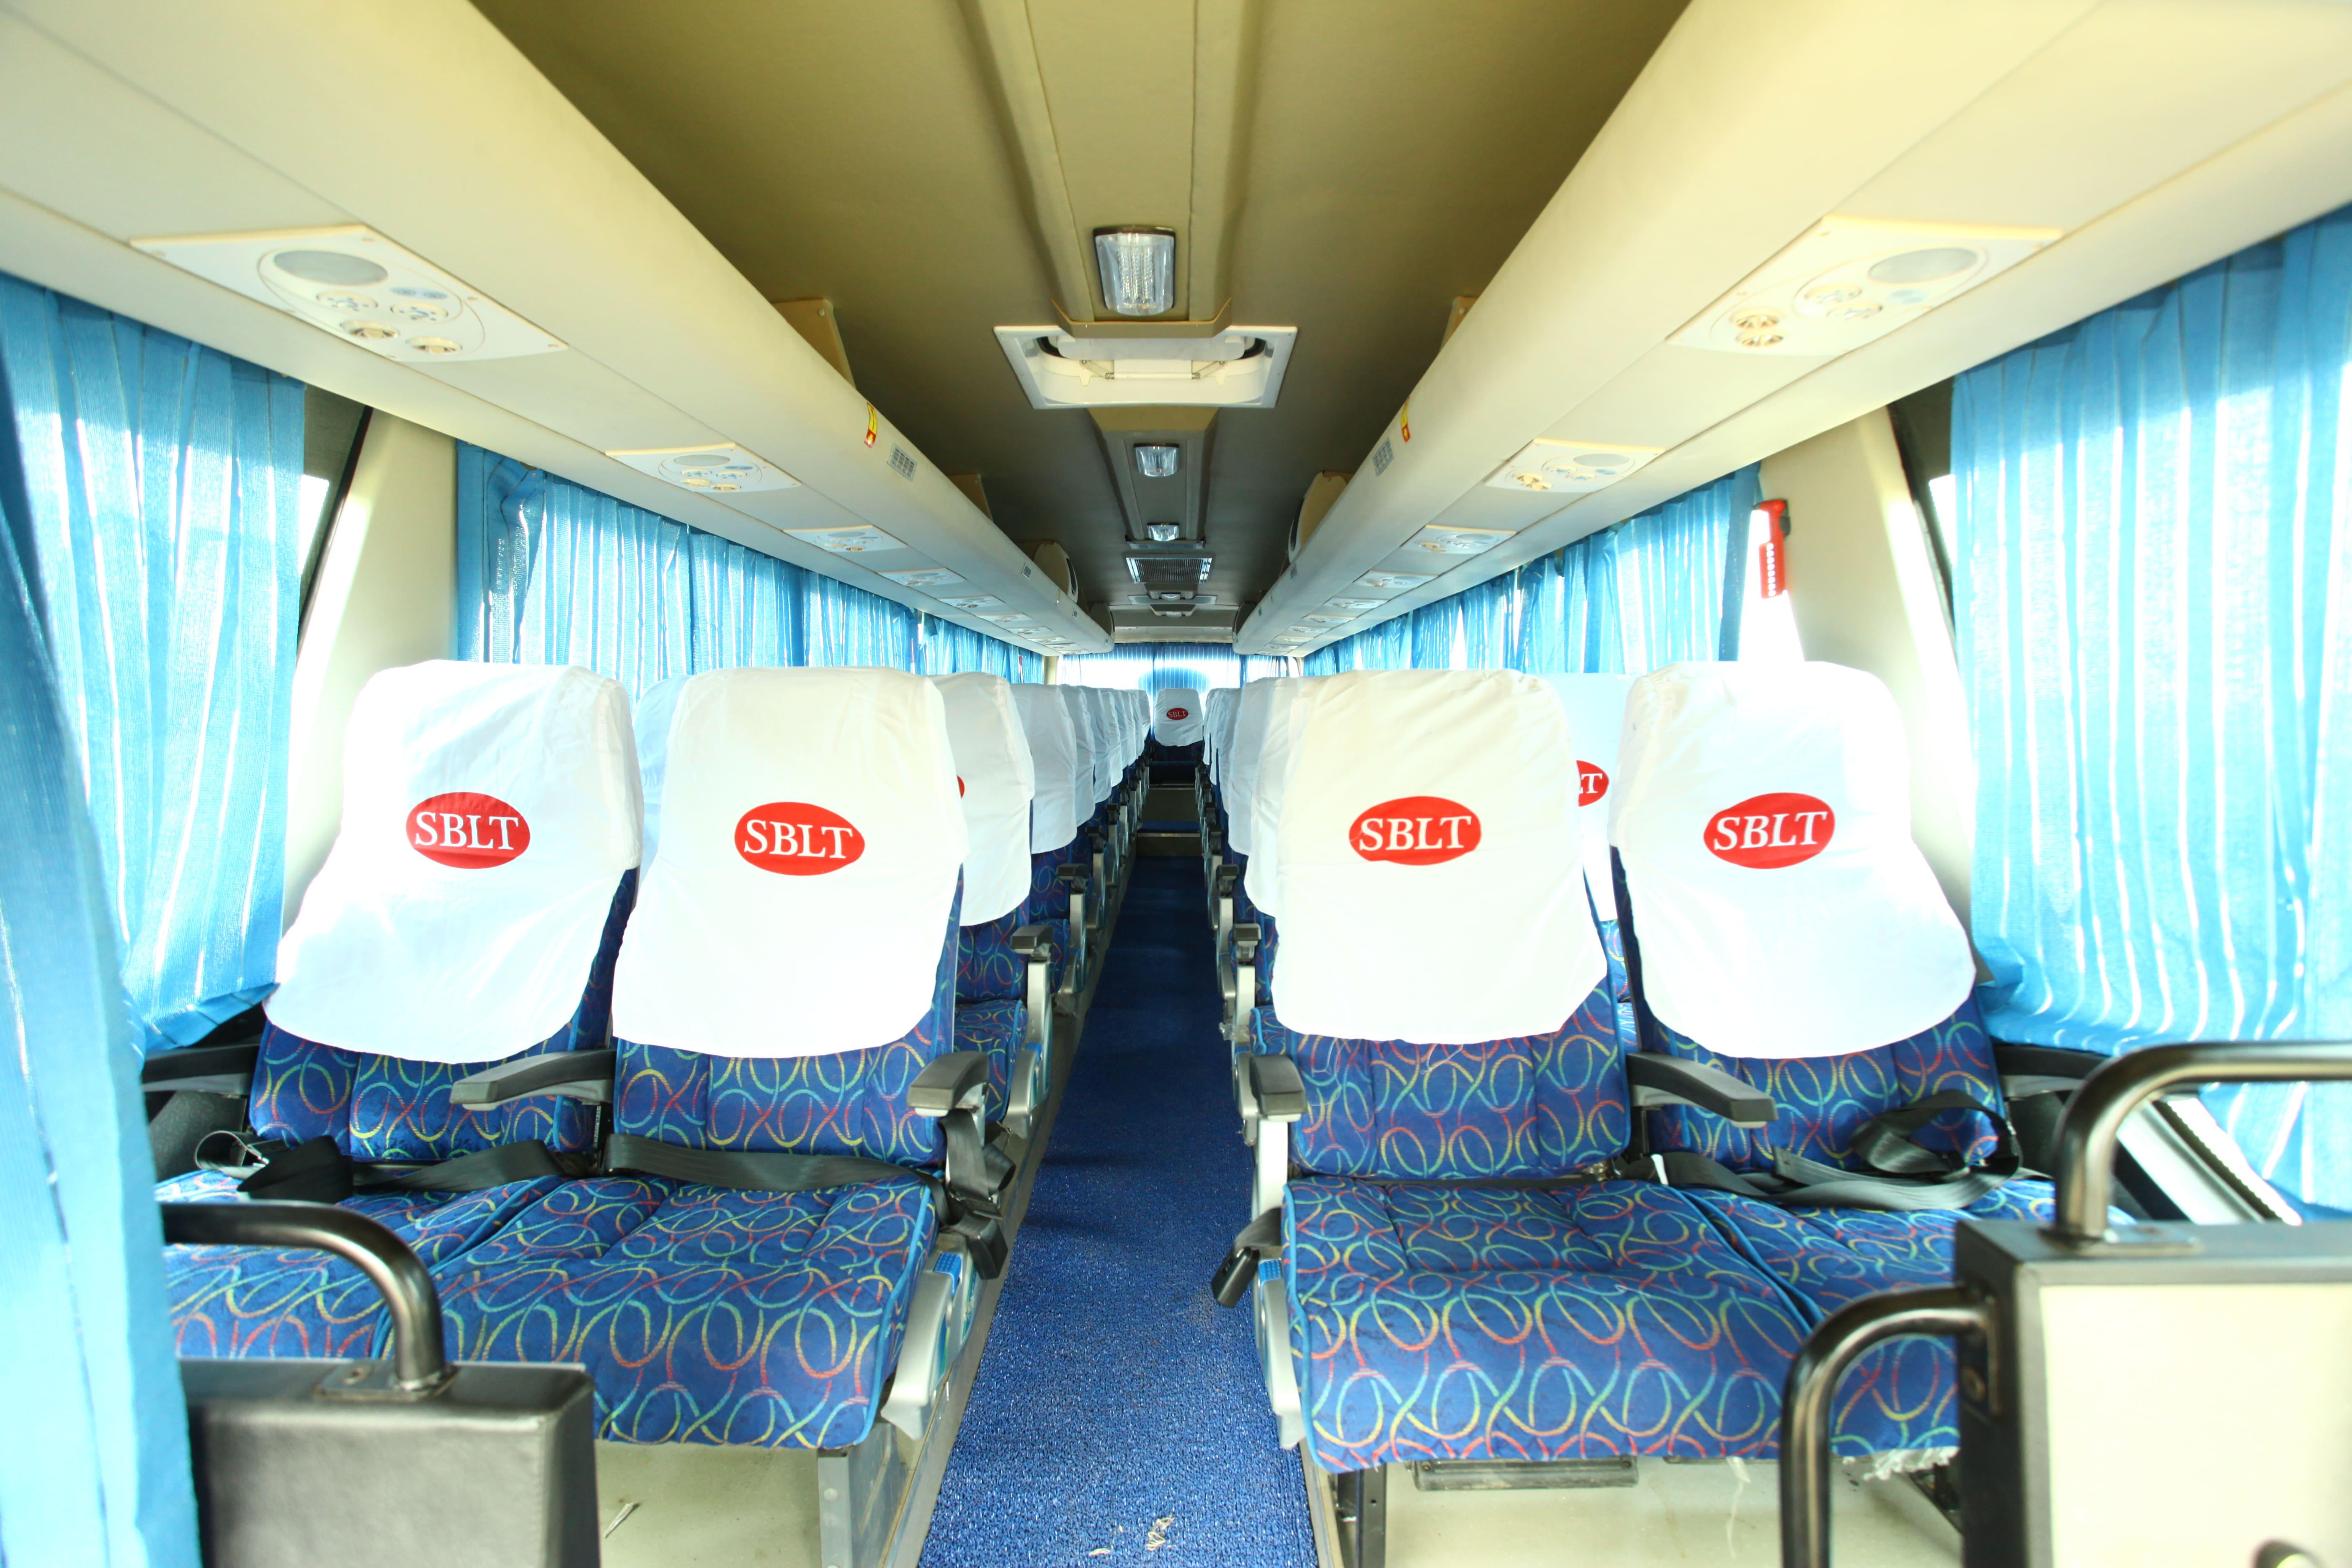 Sblt Isuzu Coaches inner View